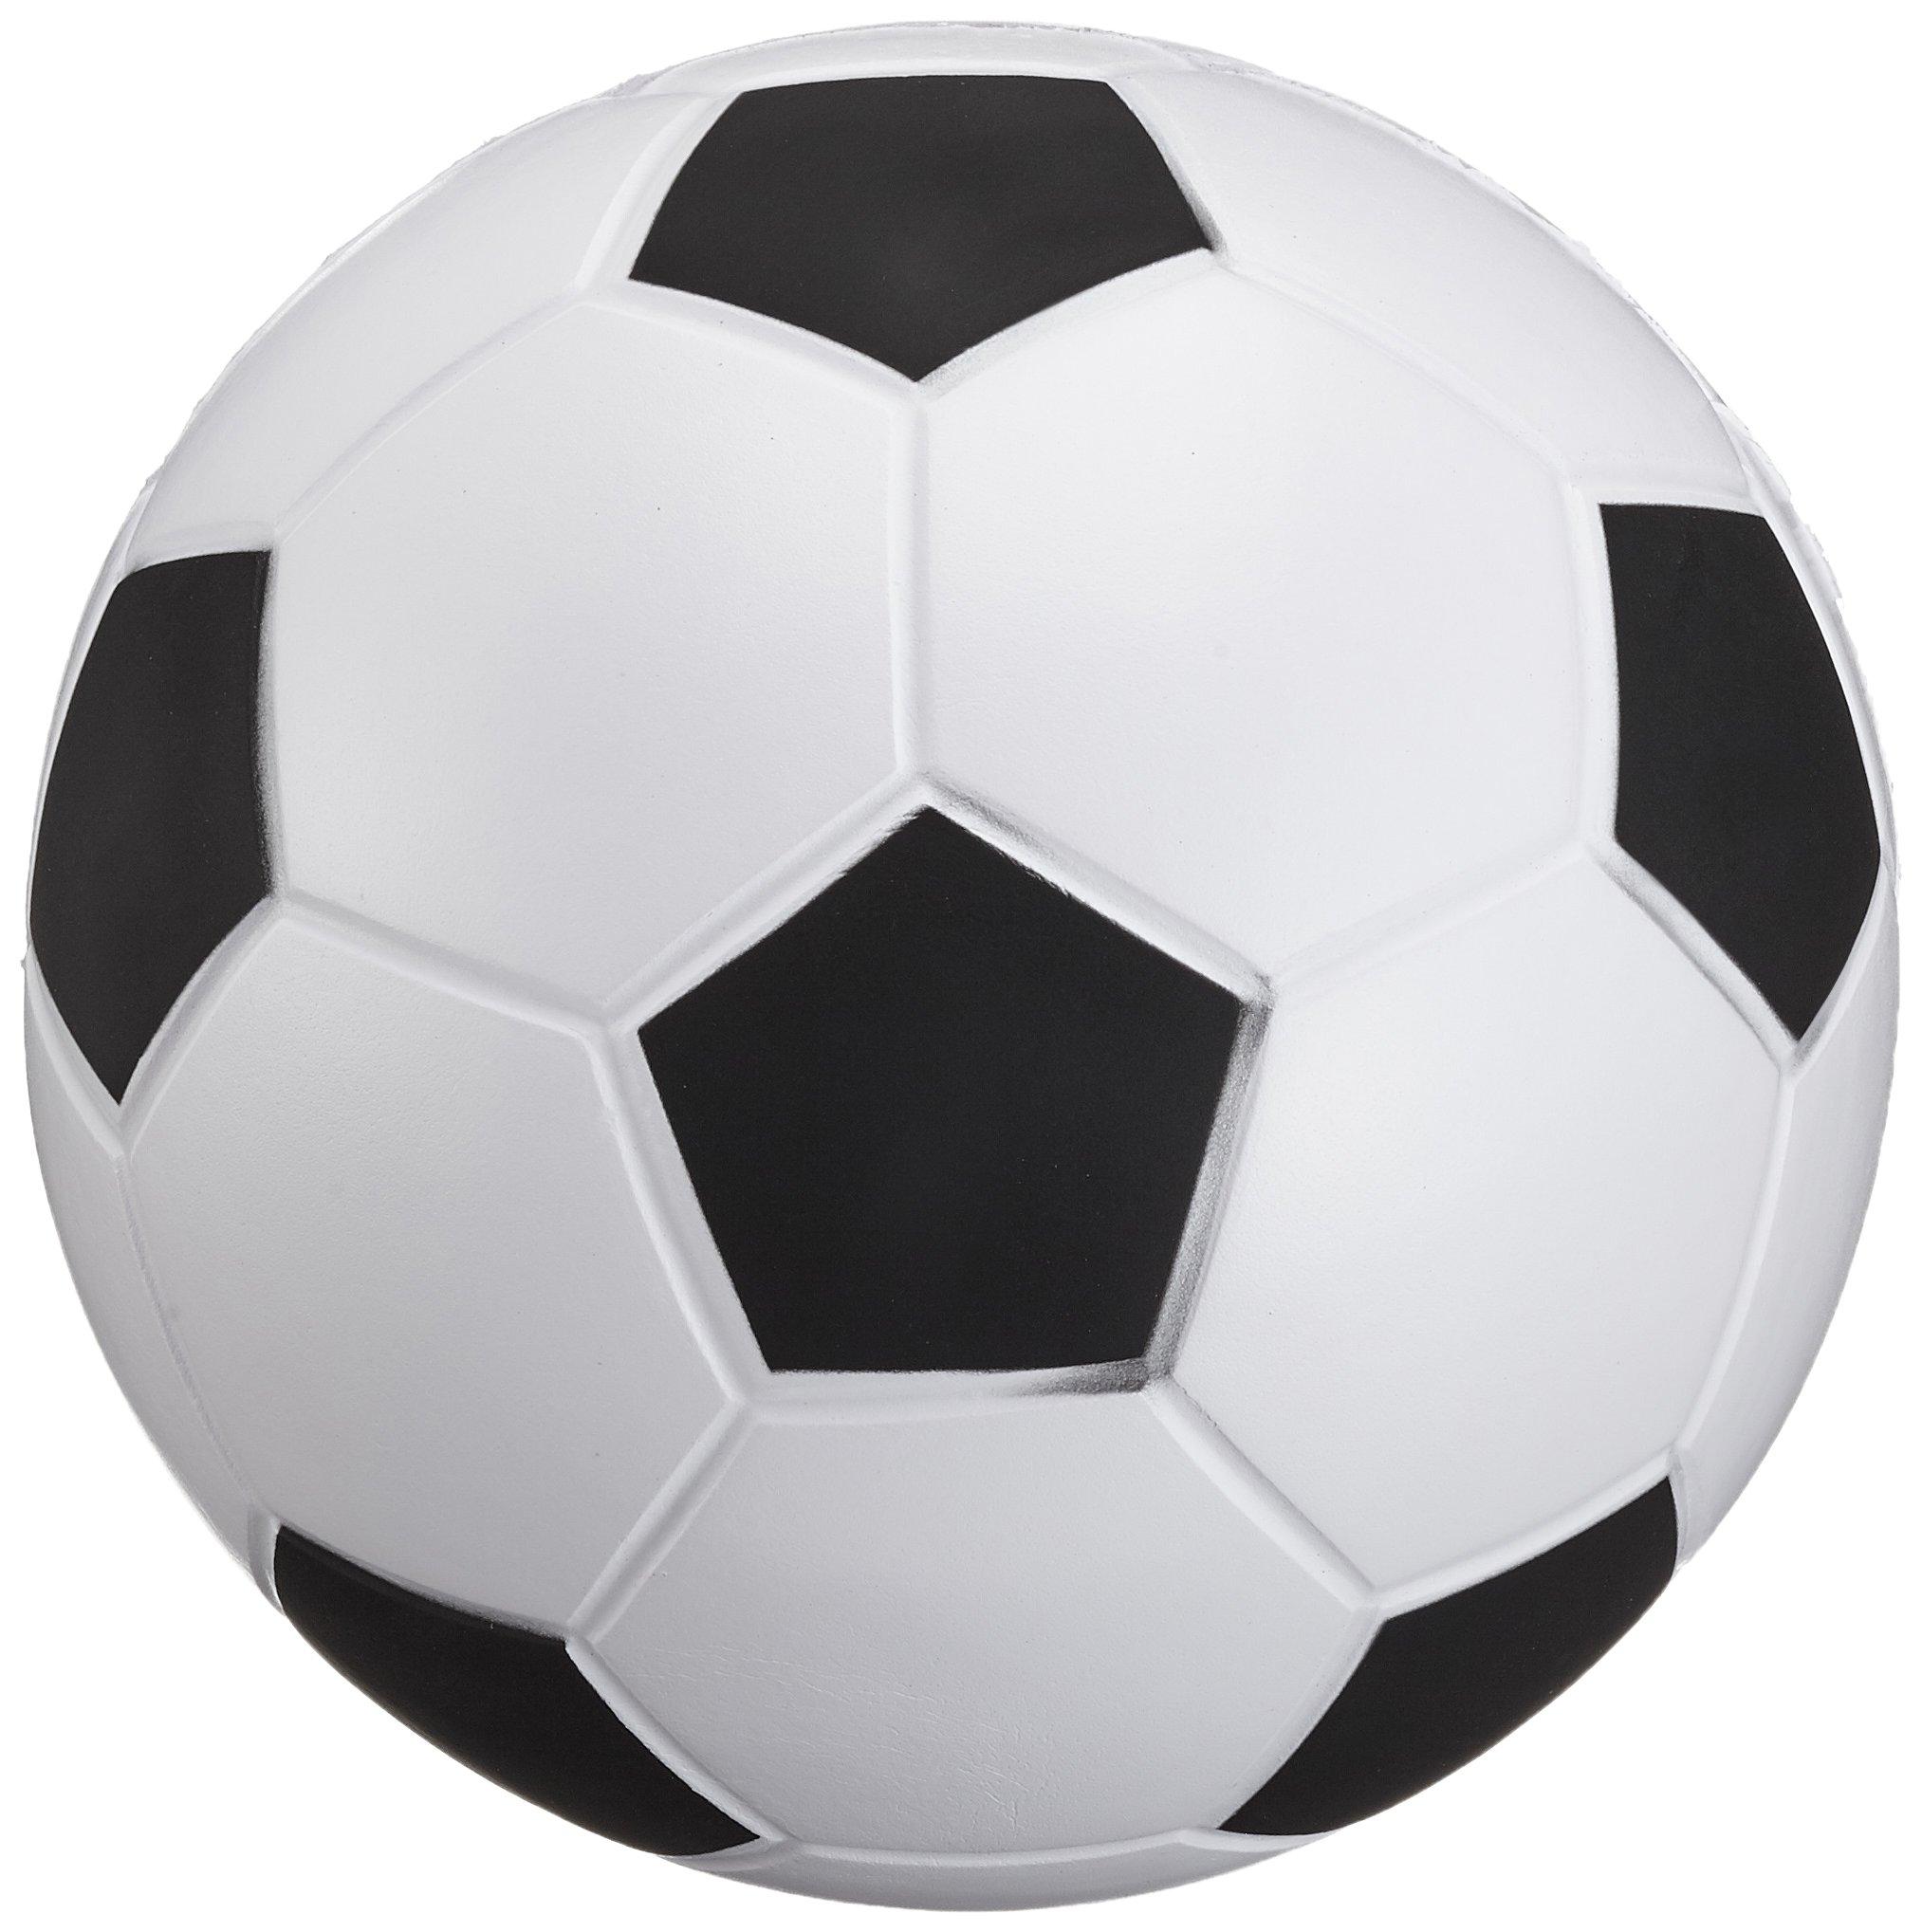 Hudora 71674 - Balón de Espuma (Talla 4): Amazon.es: Deportes y ...